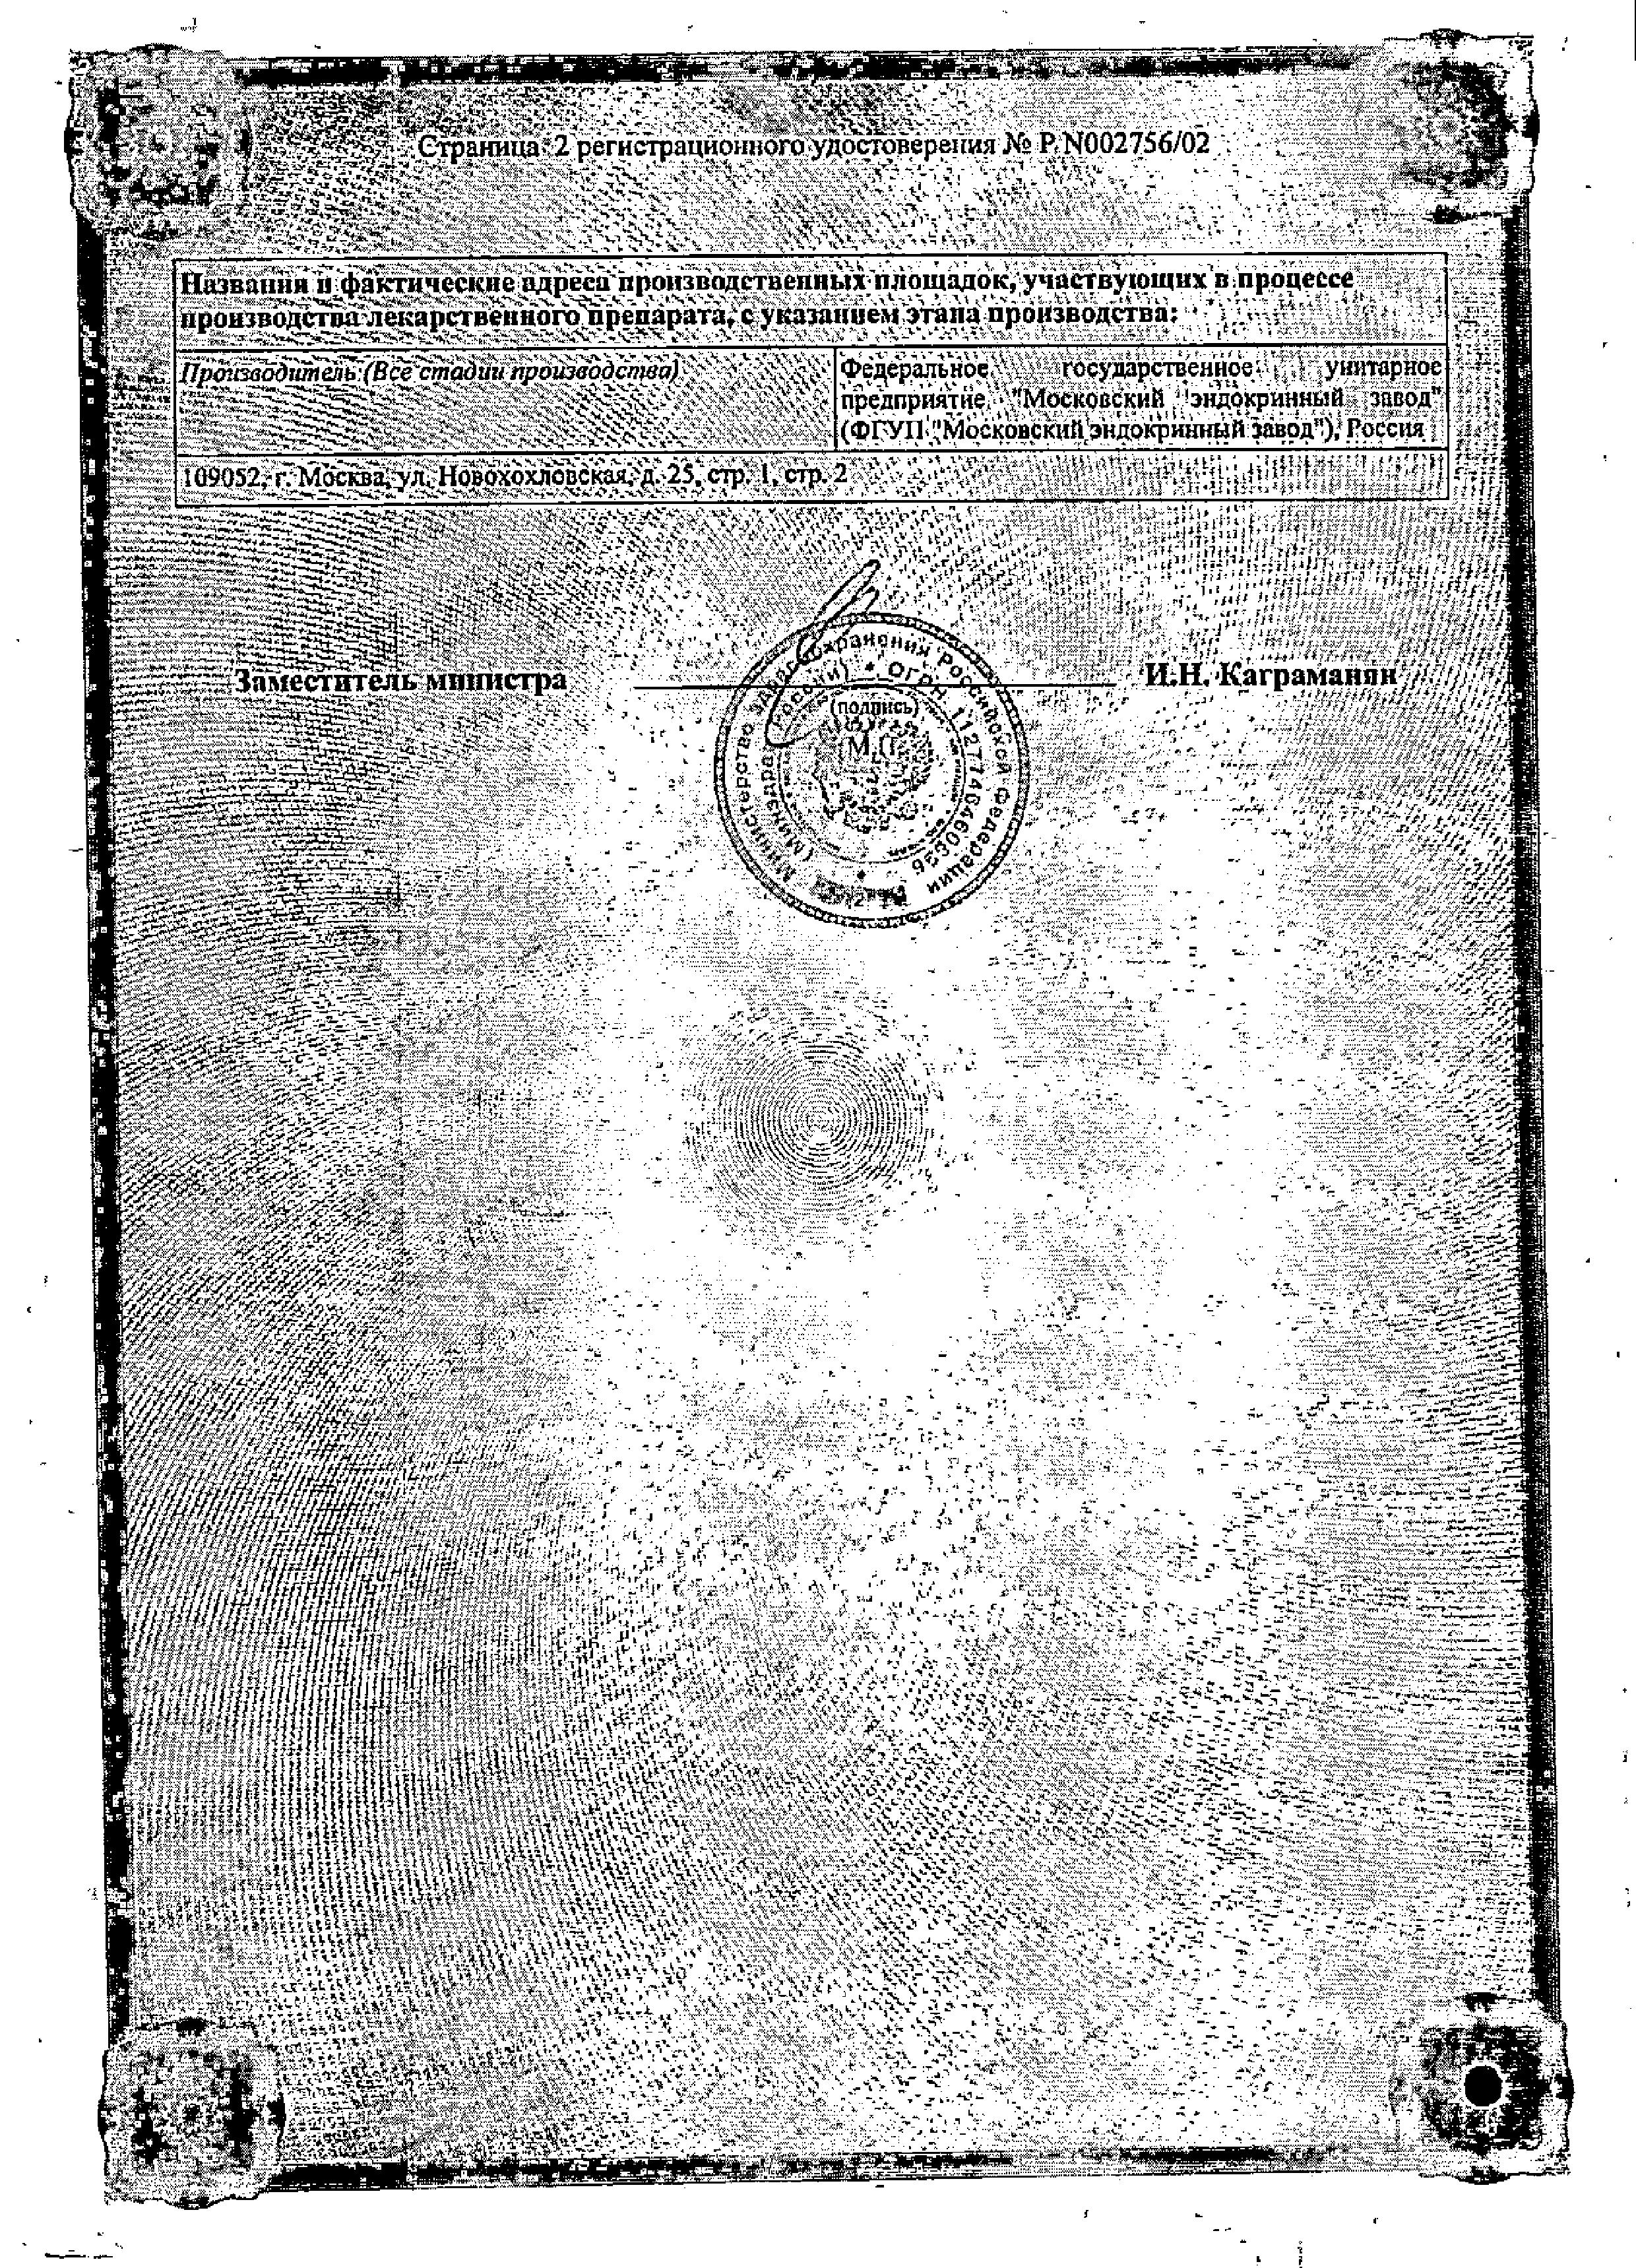 Амитриптилин сертификат